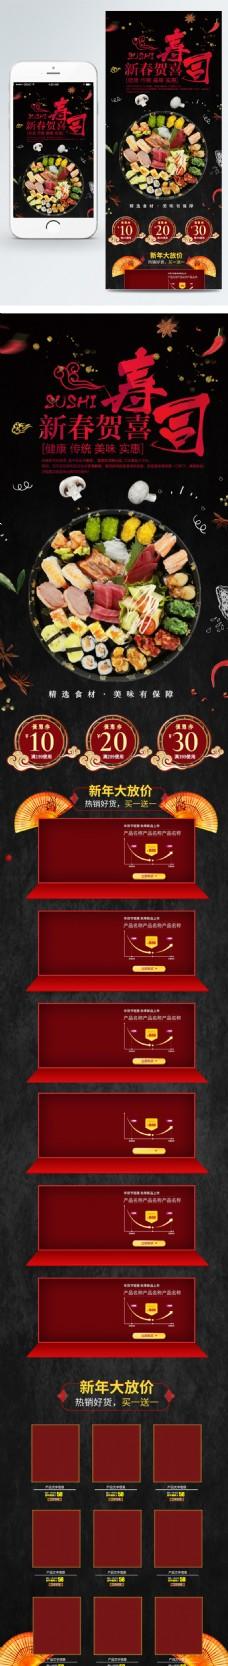 黑色背景新春贺喜寿司辣椒蘑菇简单大气移动端电商淘宝首页装修模板